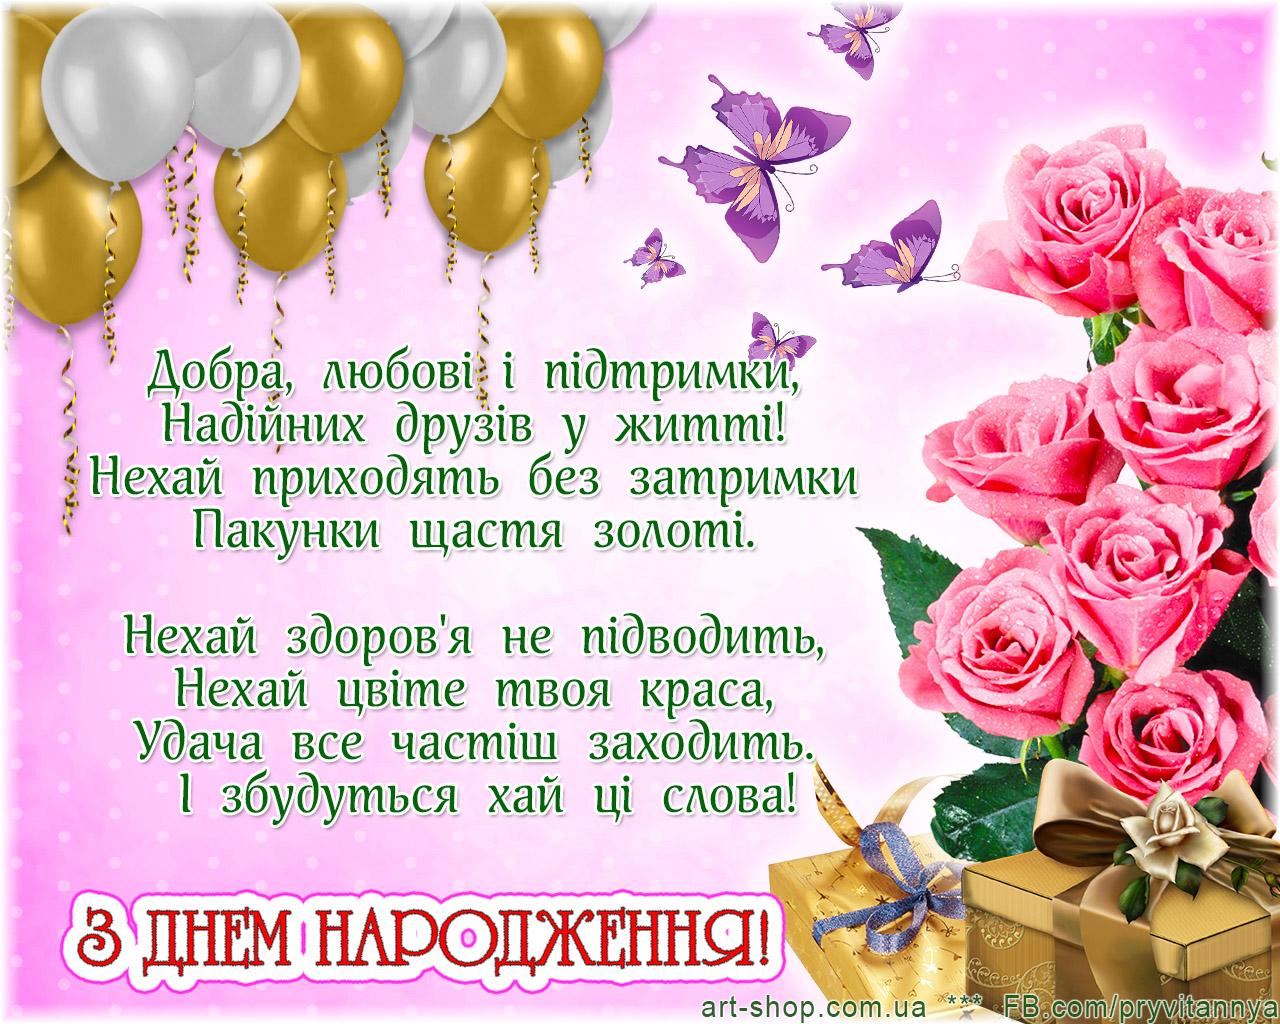 Написать поздравление с днем рождения на украинском